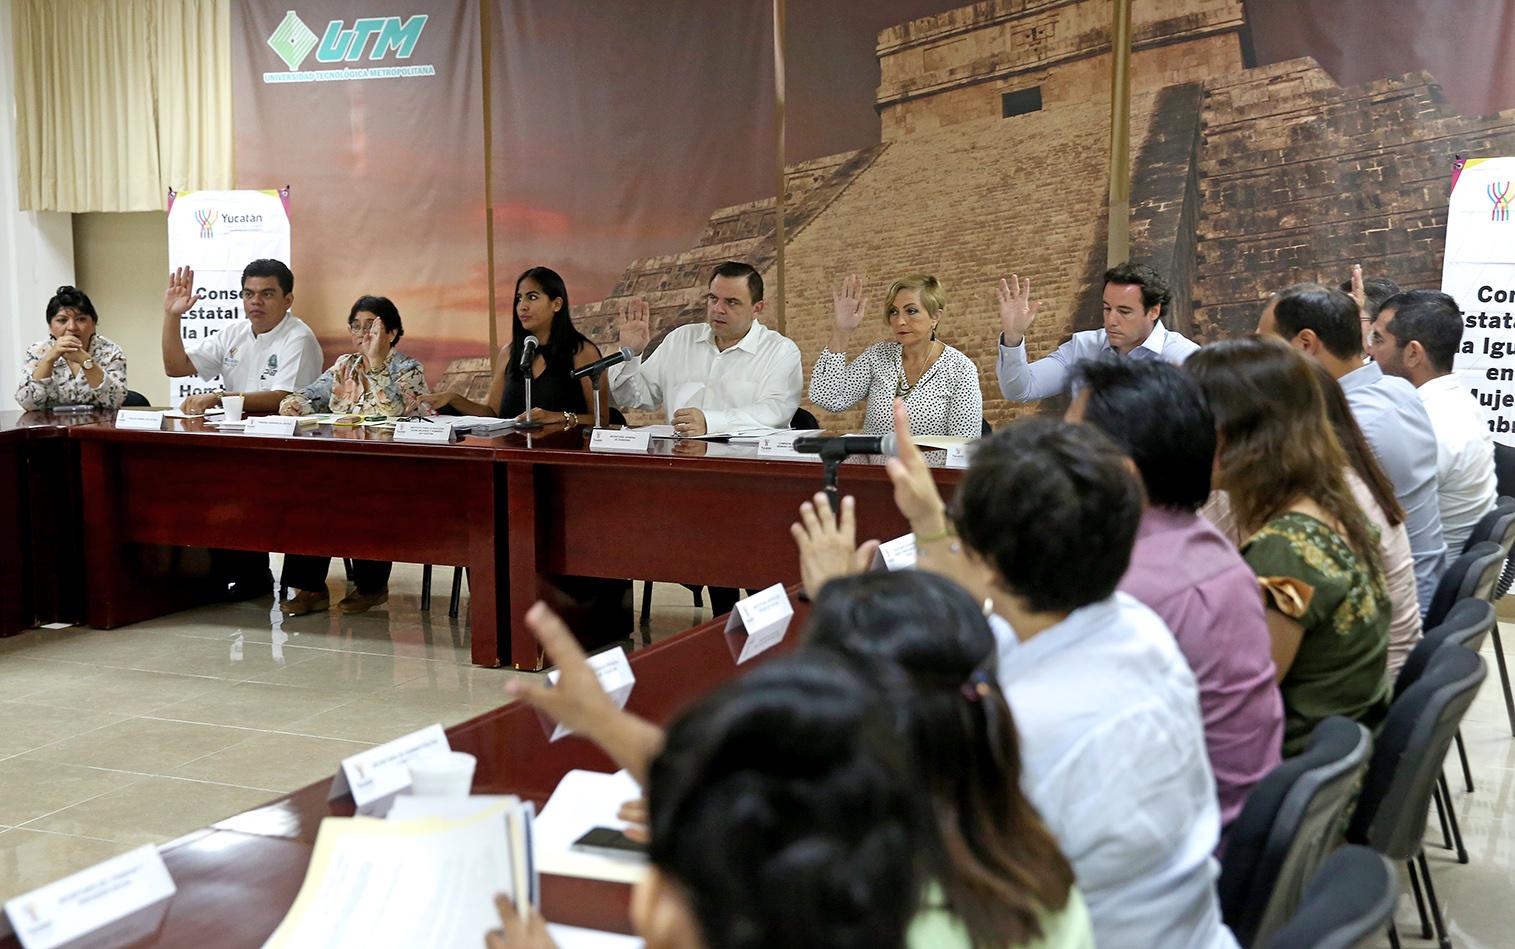 Avanzan acciones para erradicar violencia de género en Yucatán